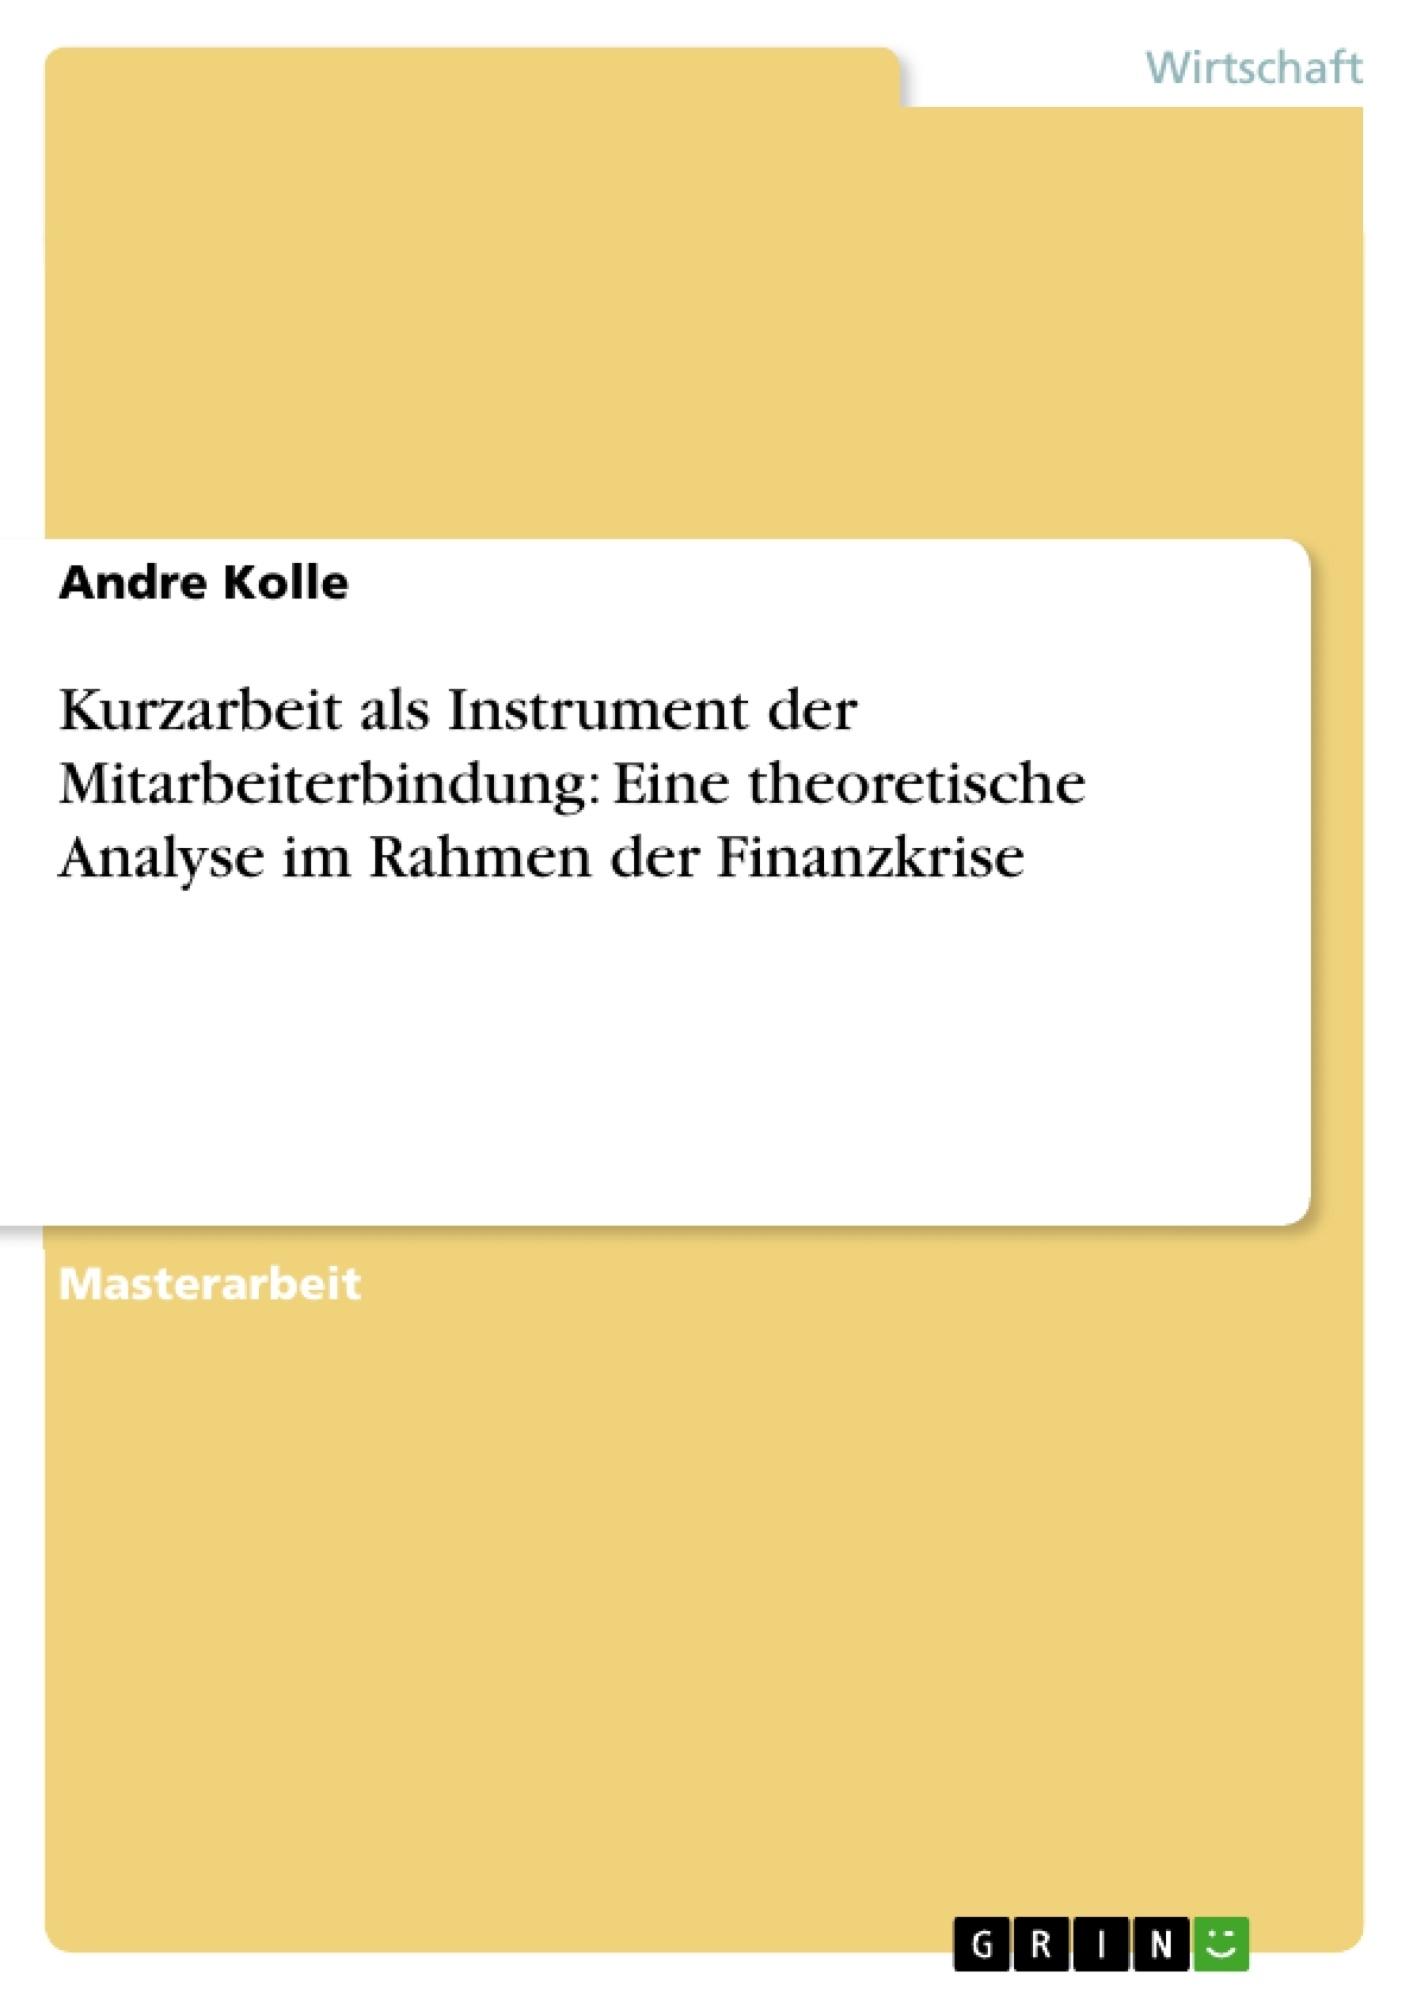 Titel: Kurzarbeit als Instrument der Mitarbeiterbindung: Eine theoretische Analyse im Rahmen der Finanzkrise